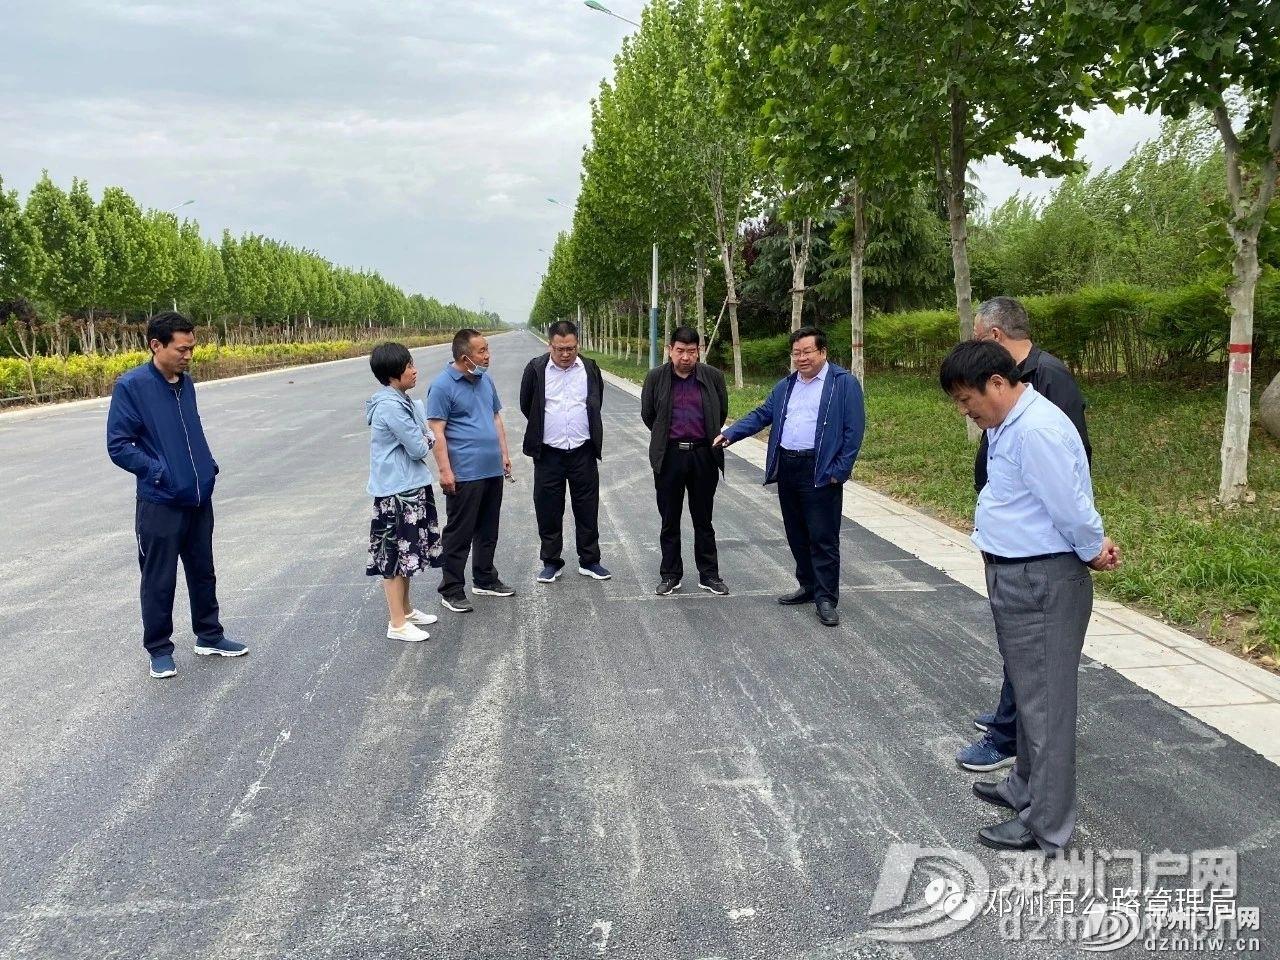 邓州迎宾大道升级改造项目最新进展!还有这些项目... - 邓州门户网|邓州网 - 8632e6c6b336d1c86ec4e054a6793f28.jpg